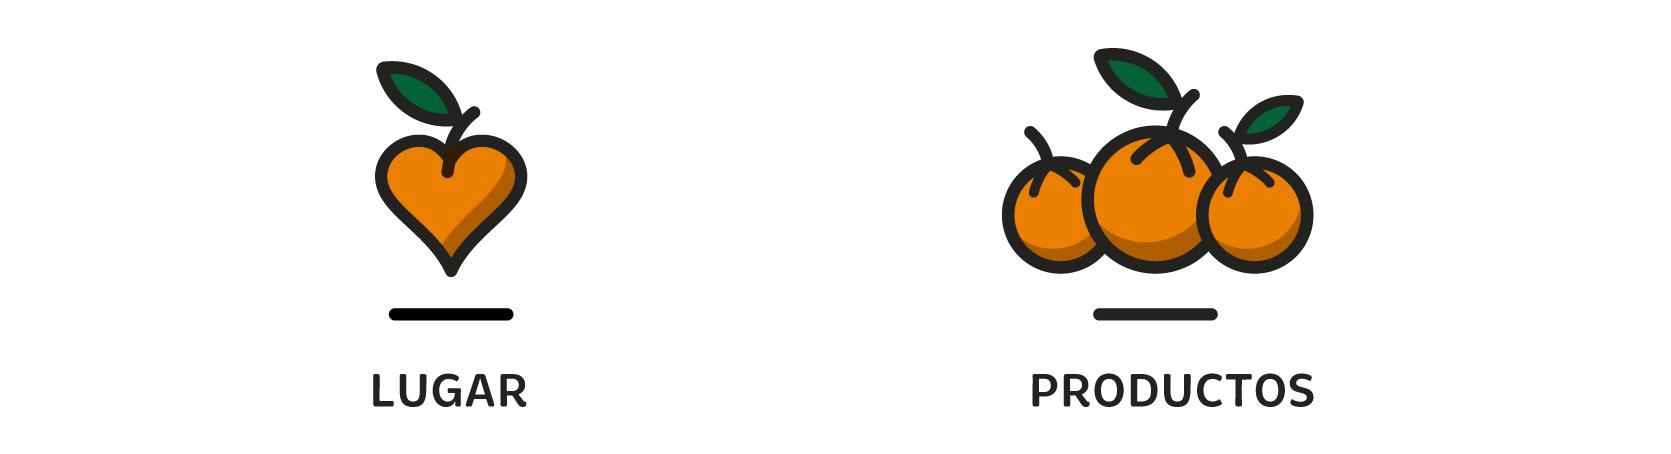 WEB-Ultramarinos-Ana-logo-06.png